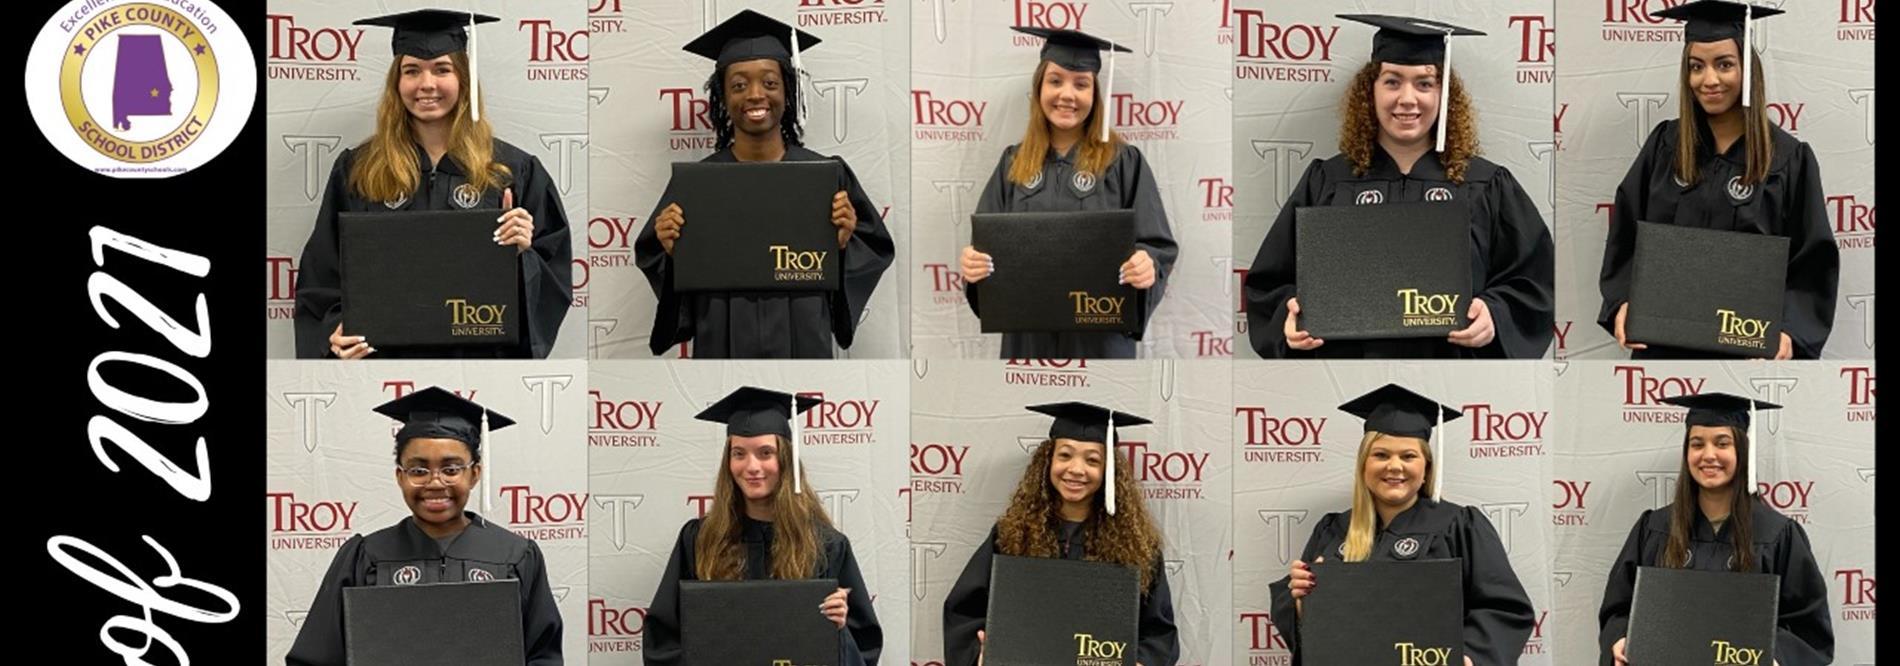 Troy Grads